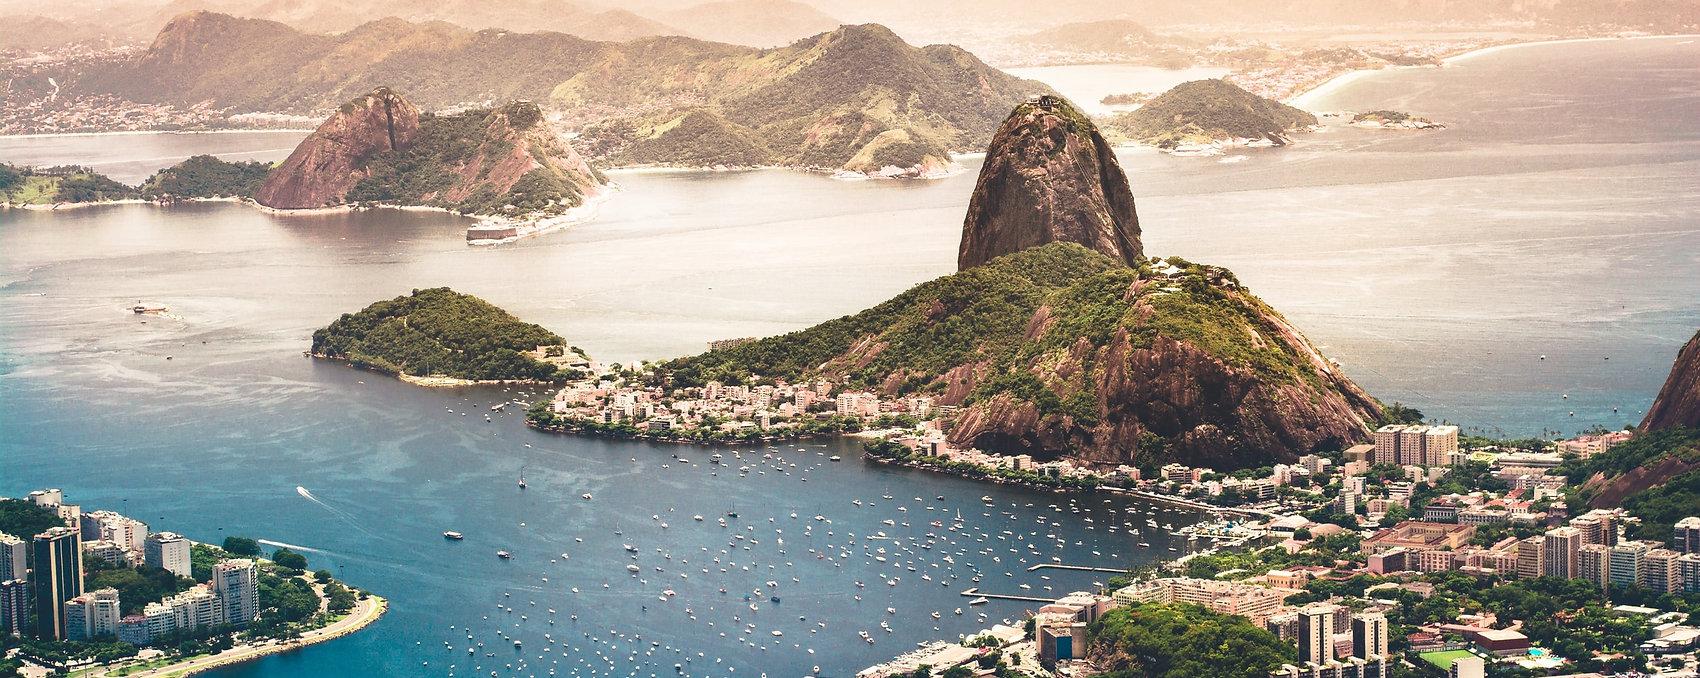 Hippie-Destinationen in Südamerika | Arembepe, Brasilien | Anders reisen, alternative Reisen, Reisetrends, außergewöhnliche Reisen, exklusive Reisen